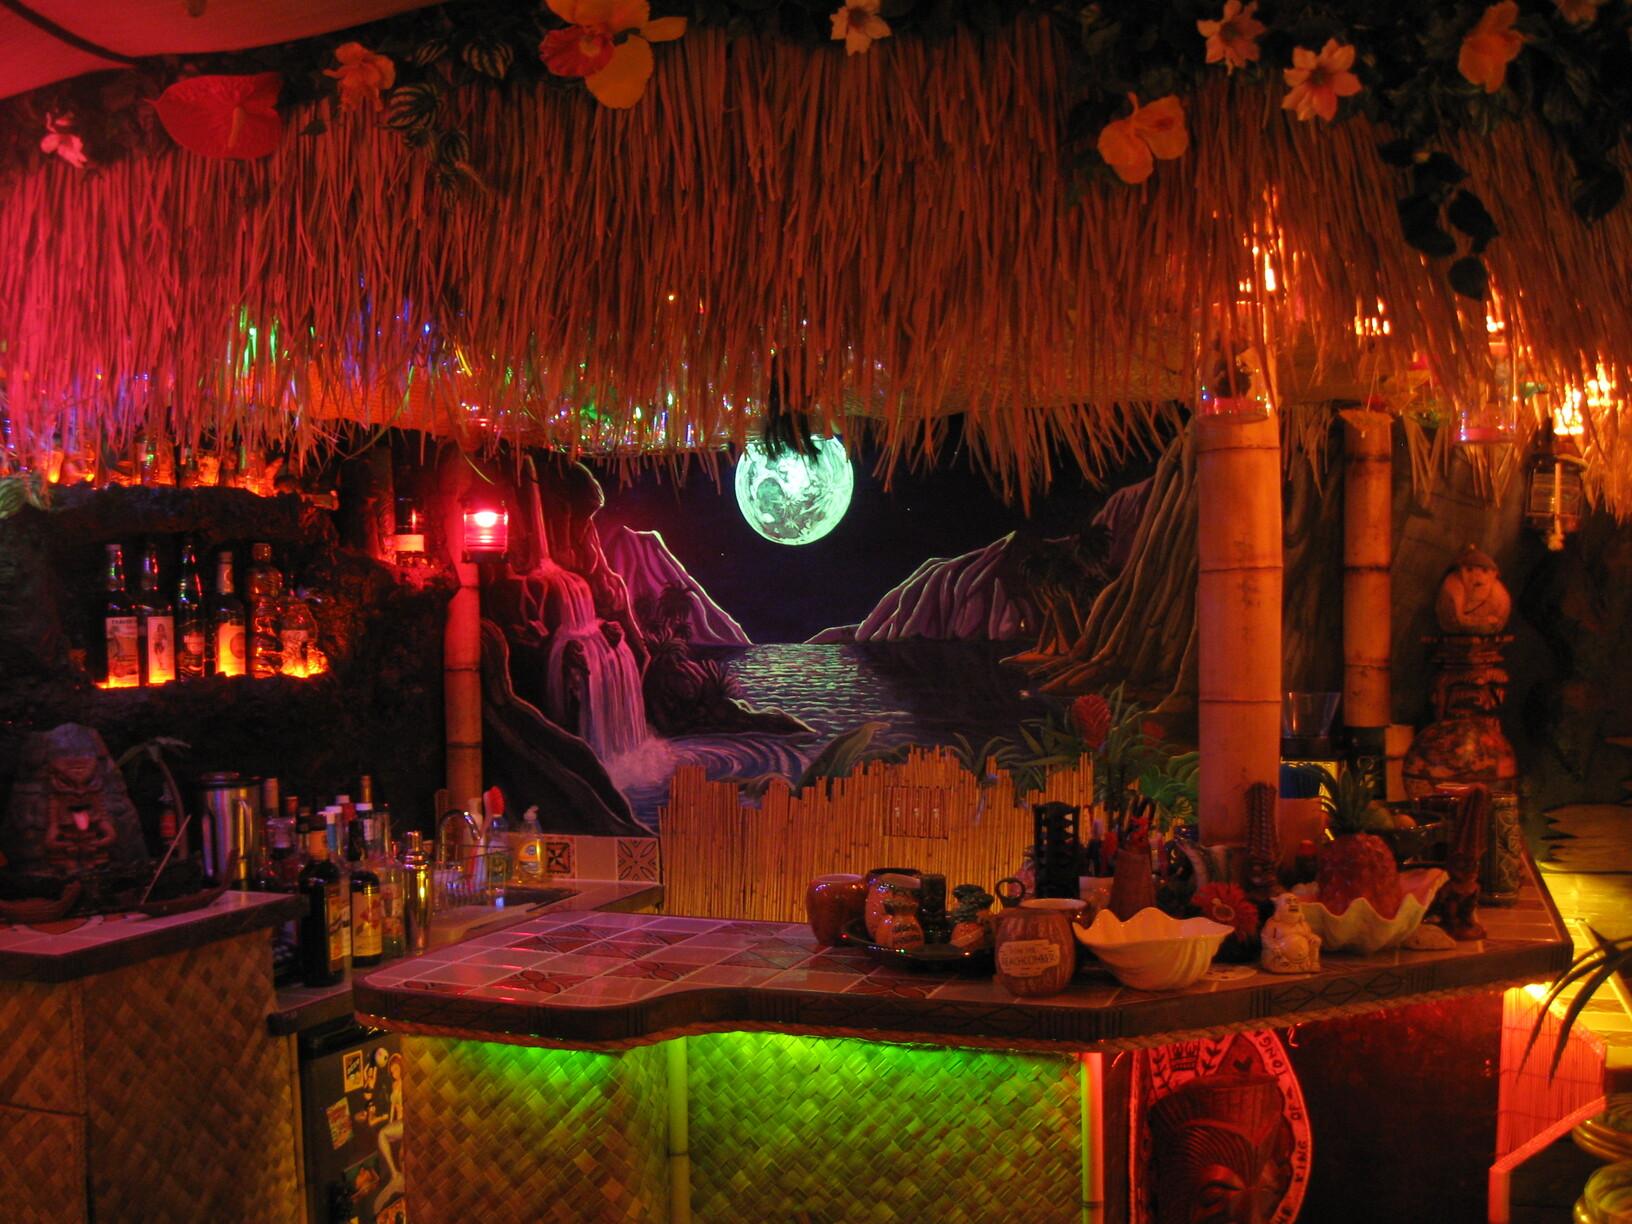 Tiki Bar Decor At Home Readers Photos Of Their Tiki Style